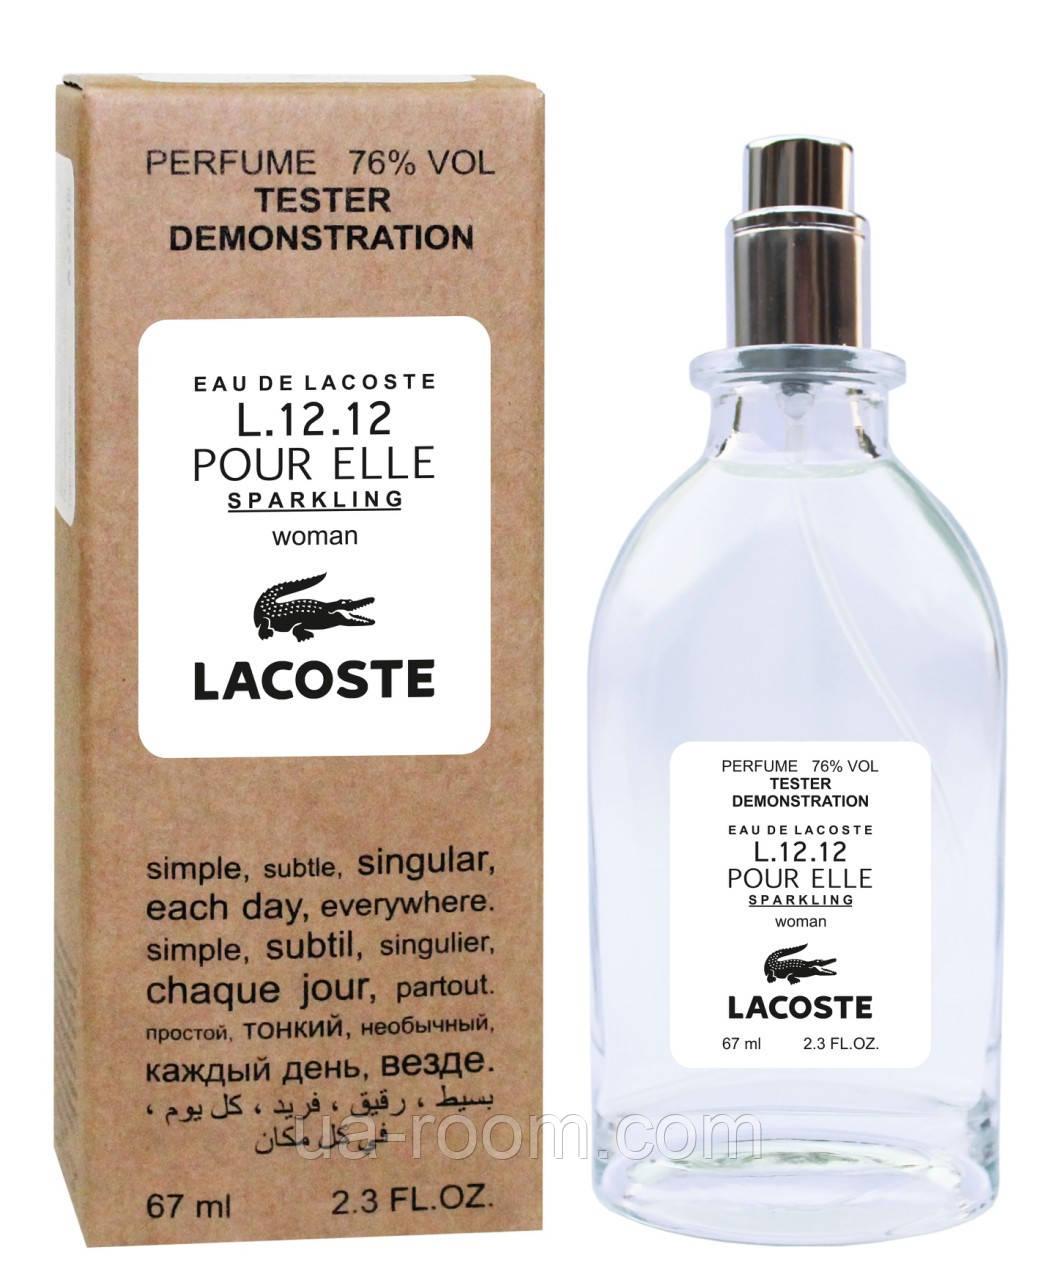 Тестер женский Lacoste Eau De L.12.12 Pour Elle Sparkling,67 мл.